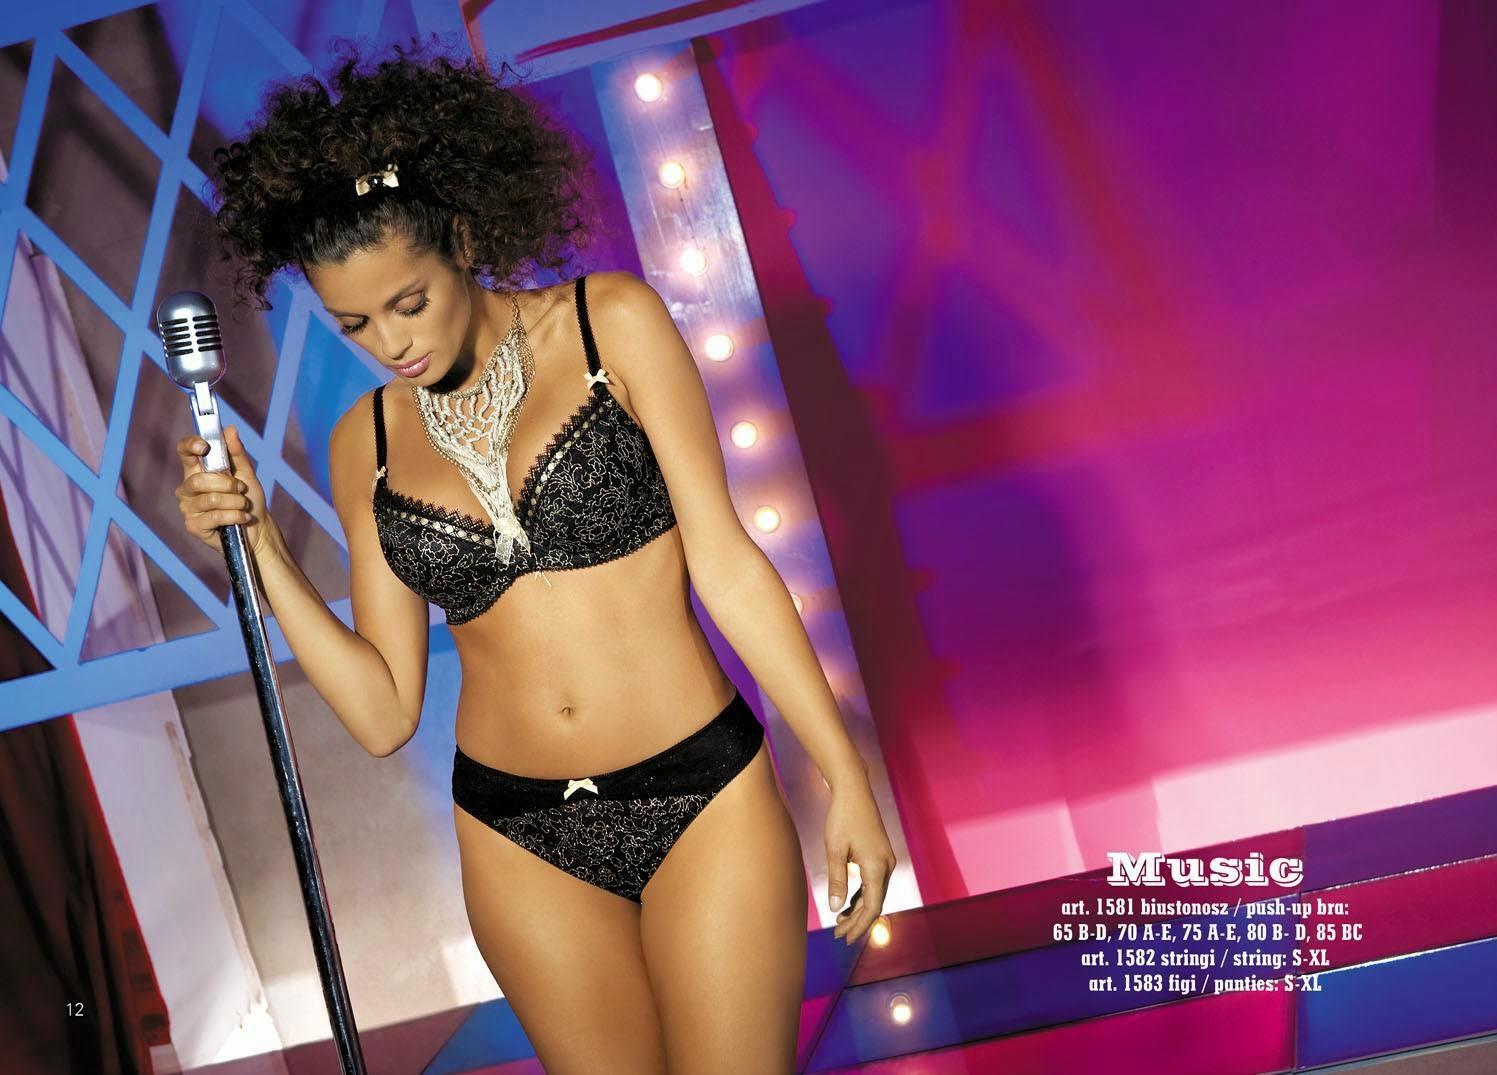 http://www.tuestilo.eu/ropa-interior-sujetador-y-bragas-Music-k1599.html